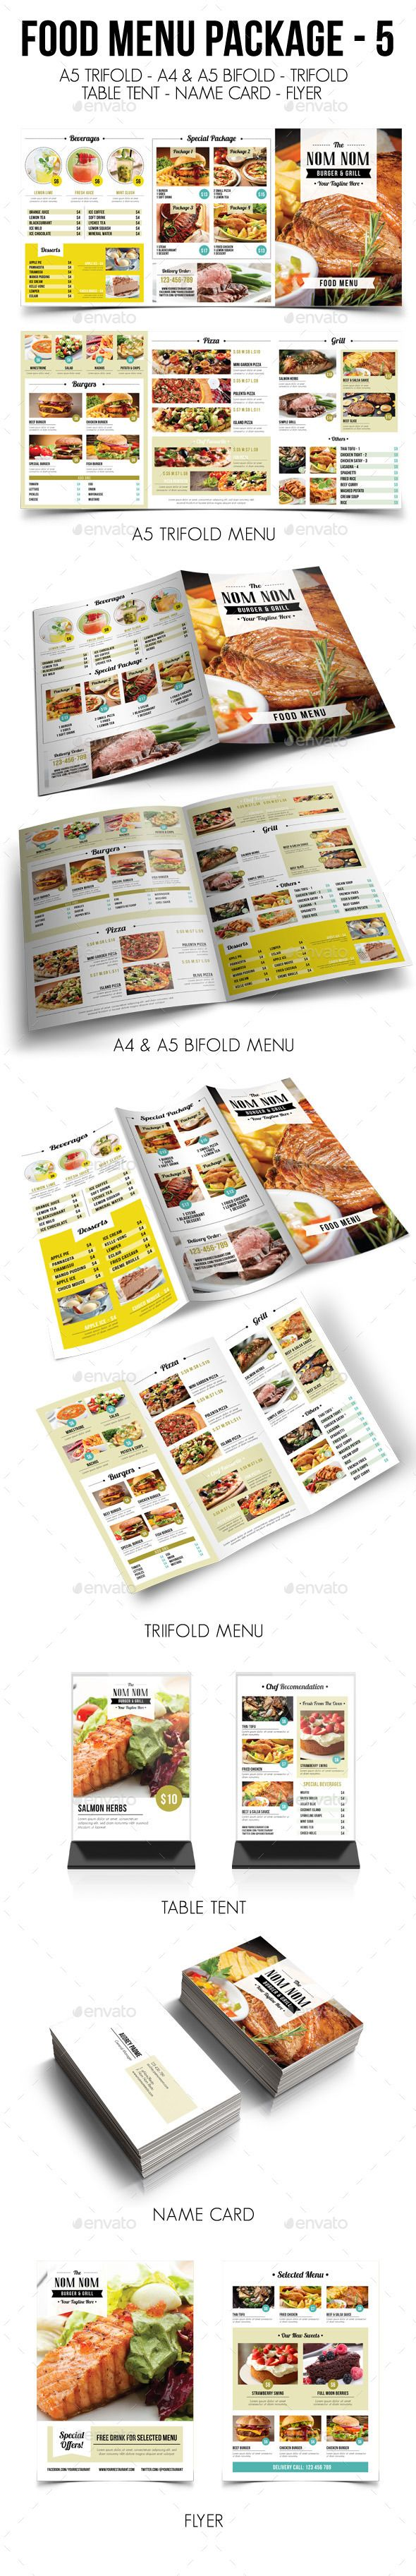 Food Menu Package Template #design Download: http://graphicriver.net/item/food-menu-package-5/13009301?ref=ksioks